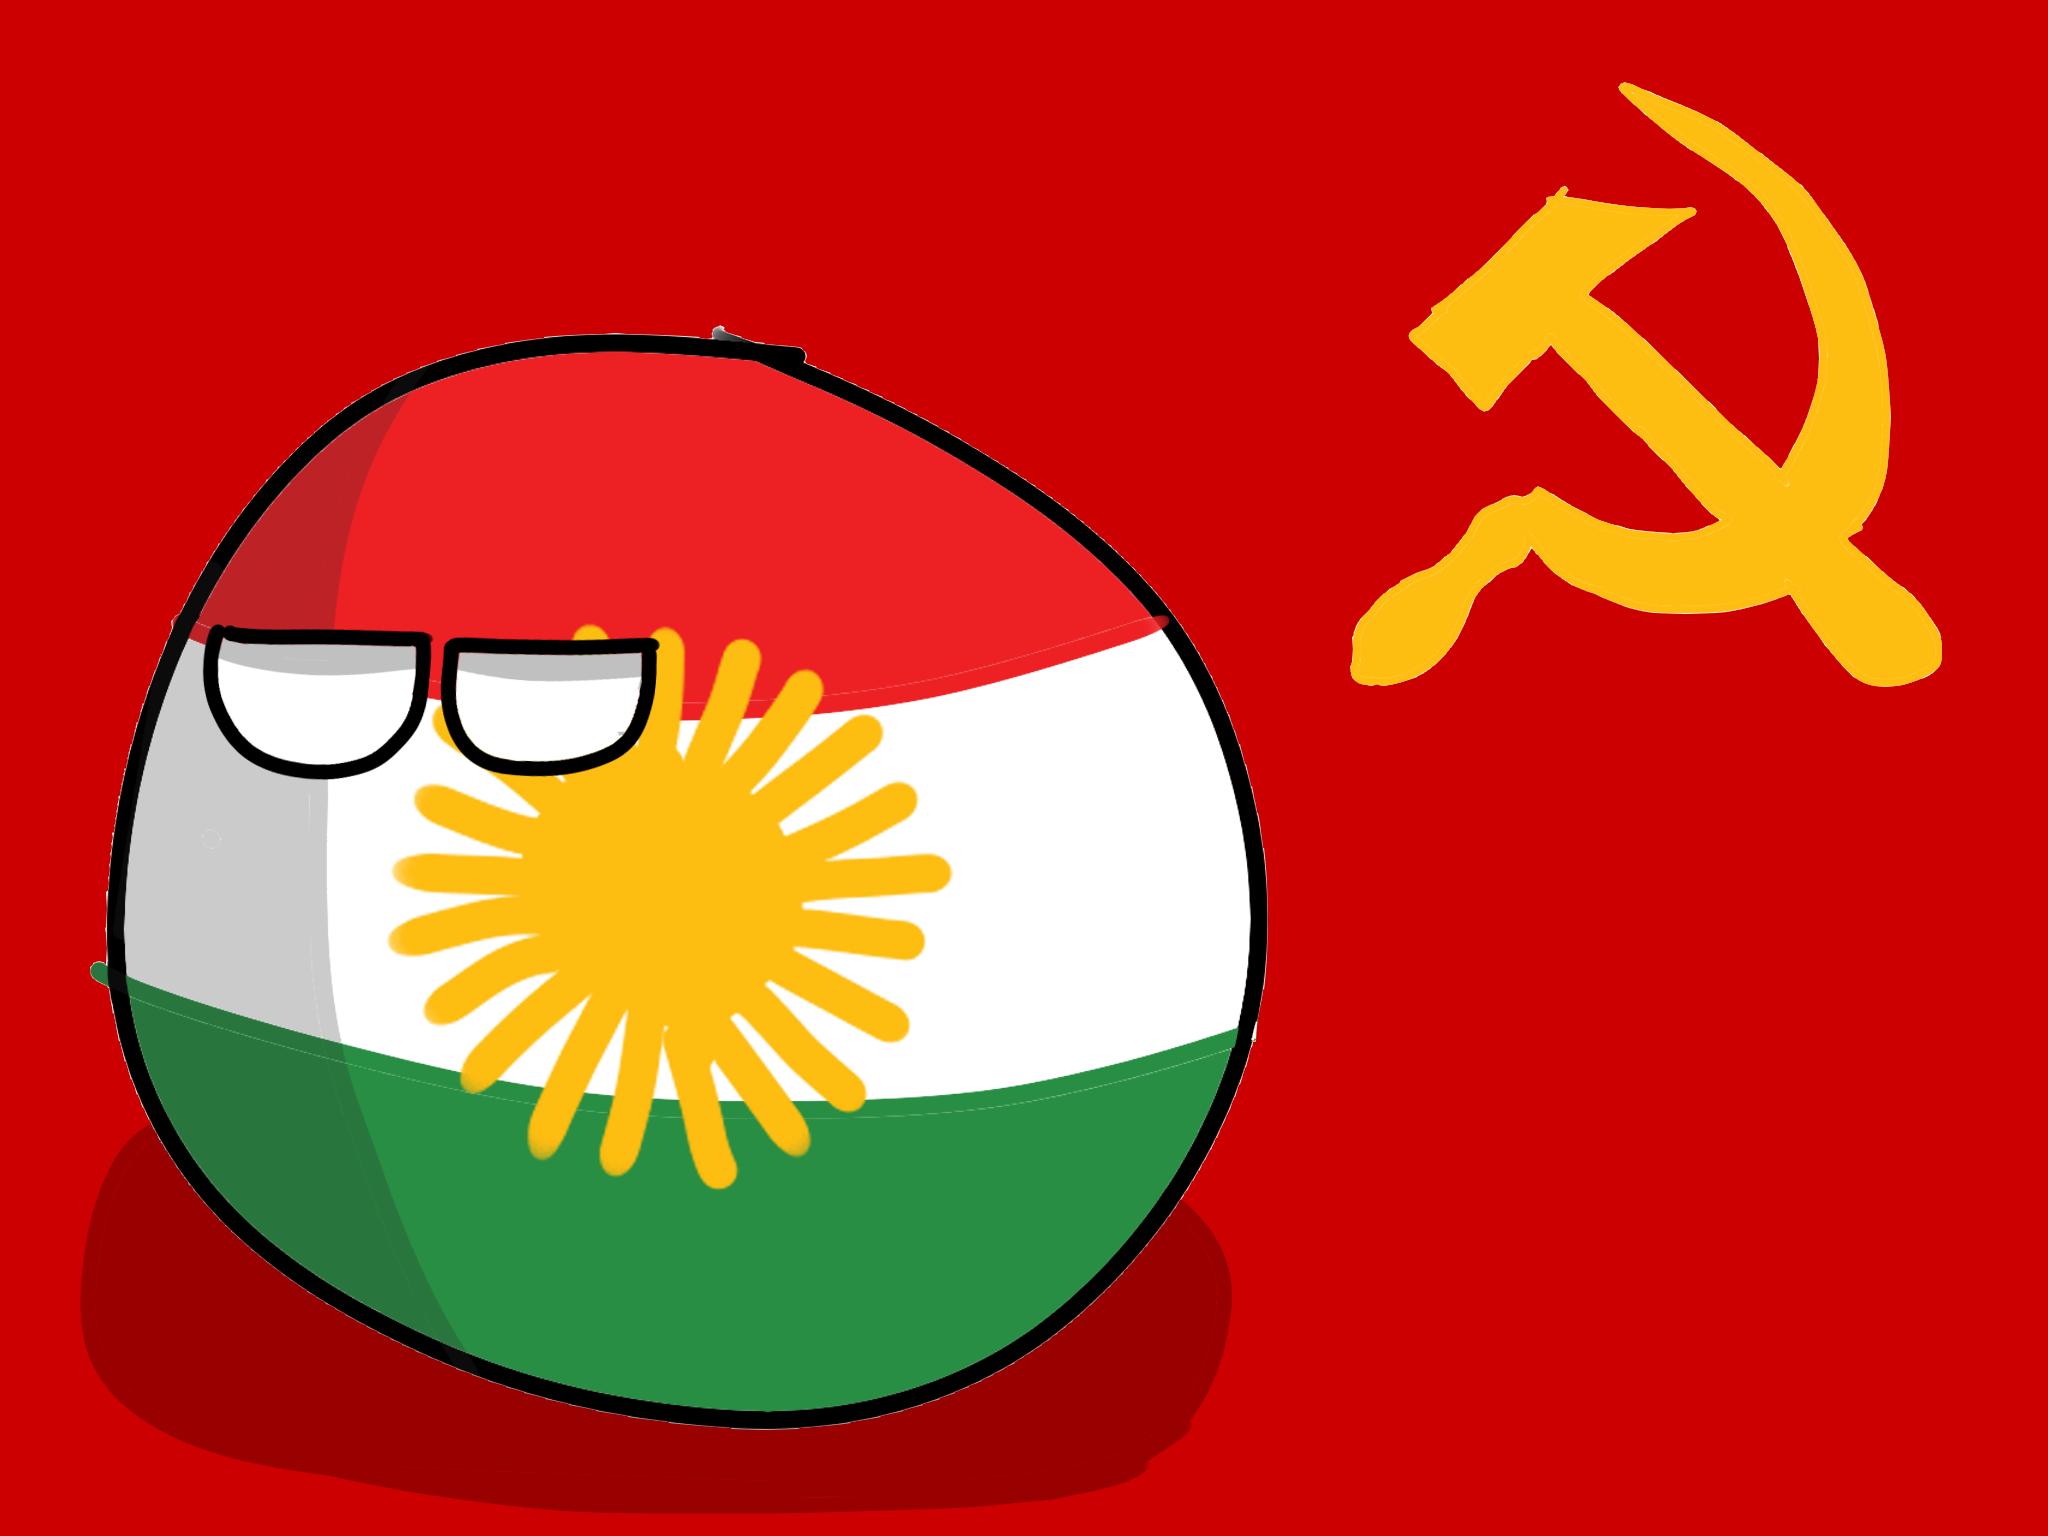 Red Kurdistanball